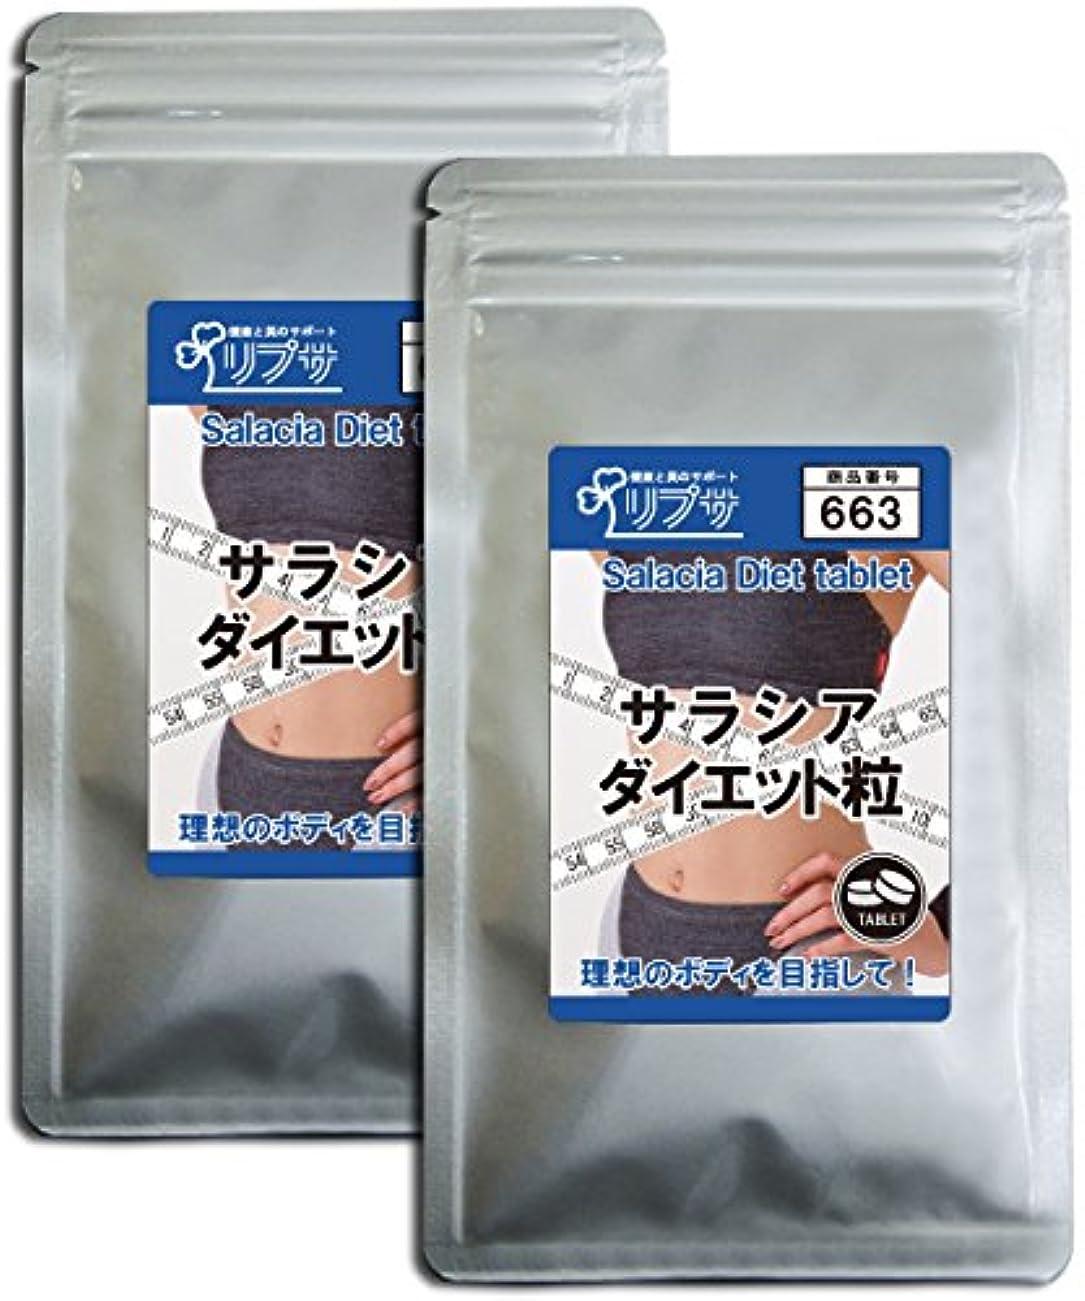 終わった悩み利用可能サラシアダイエット粒 約3か月分×2袋 T-663-2